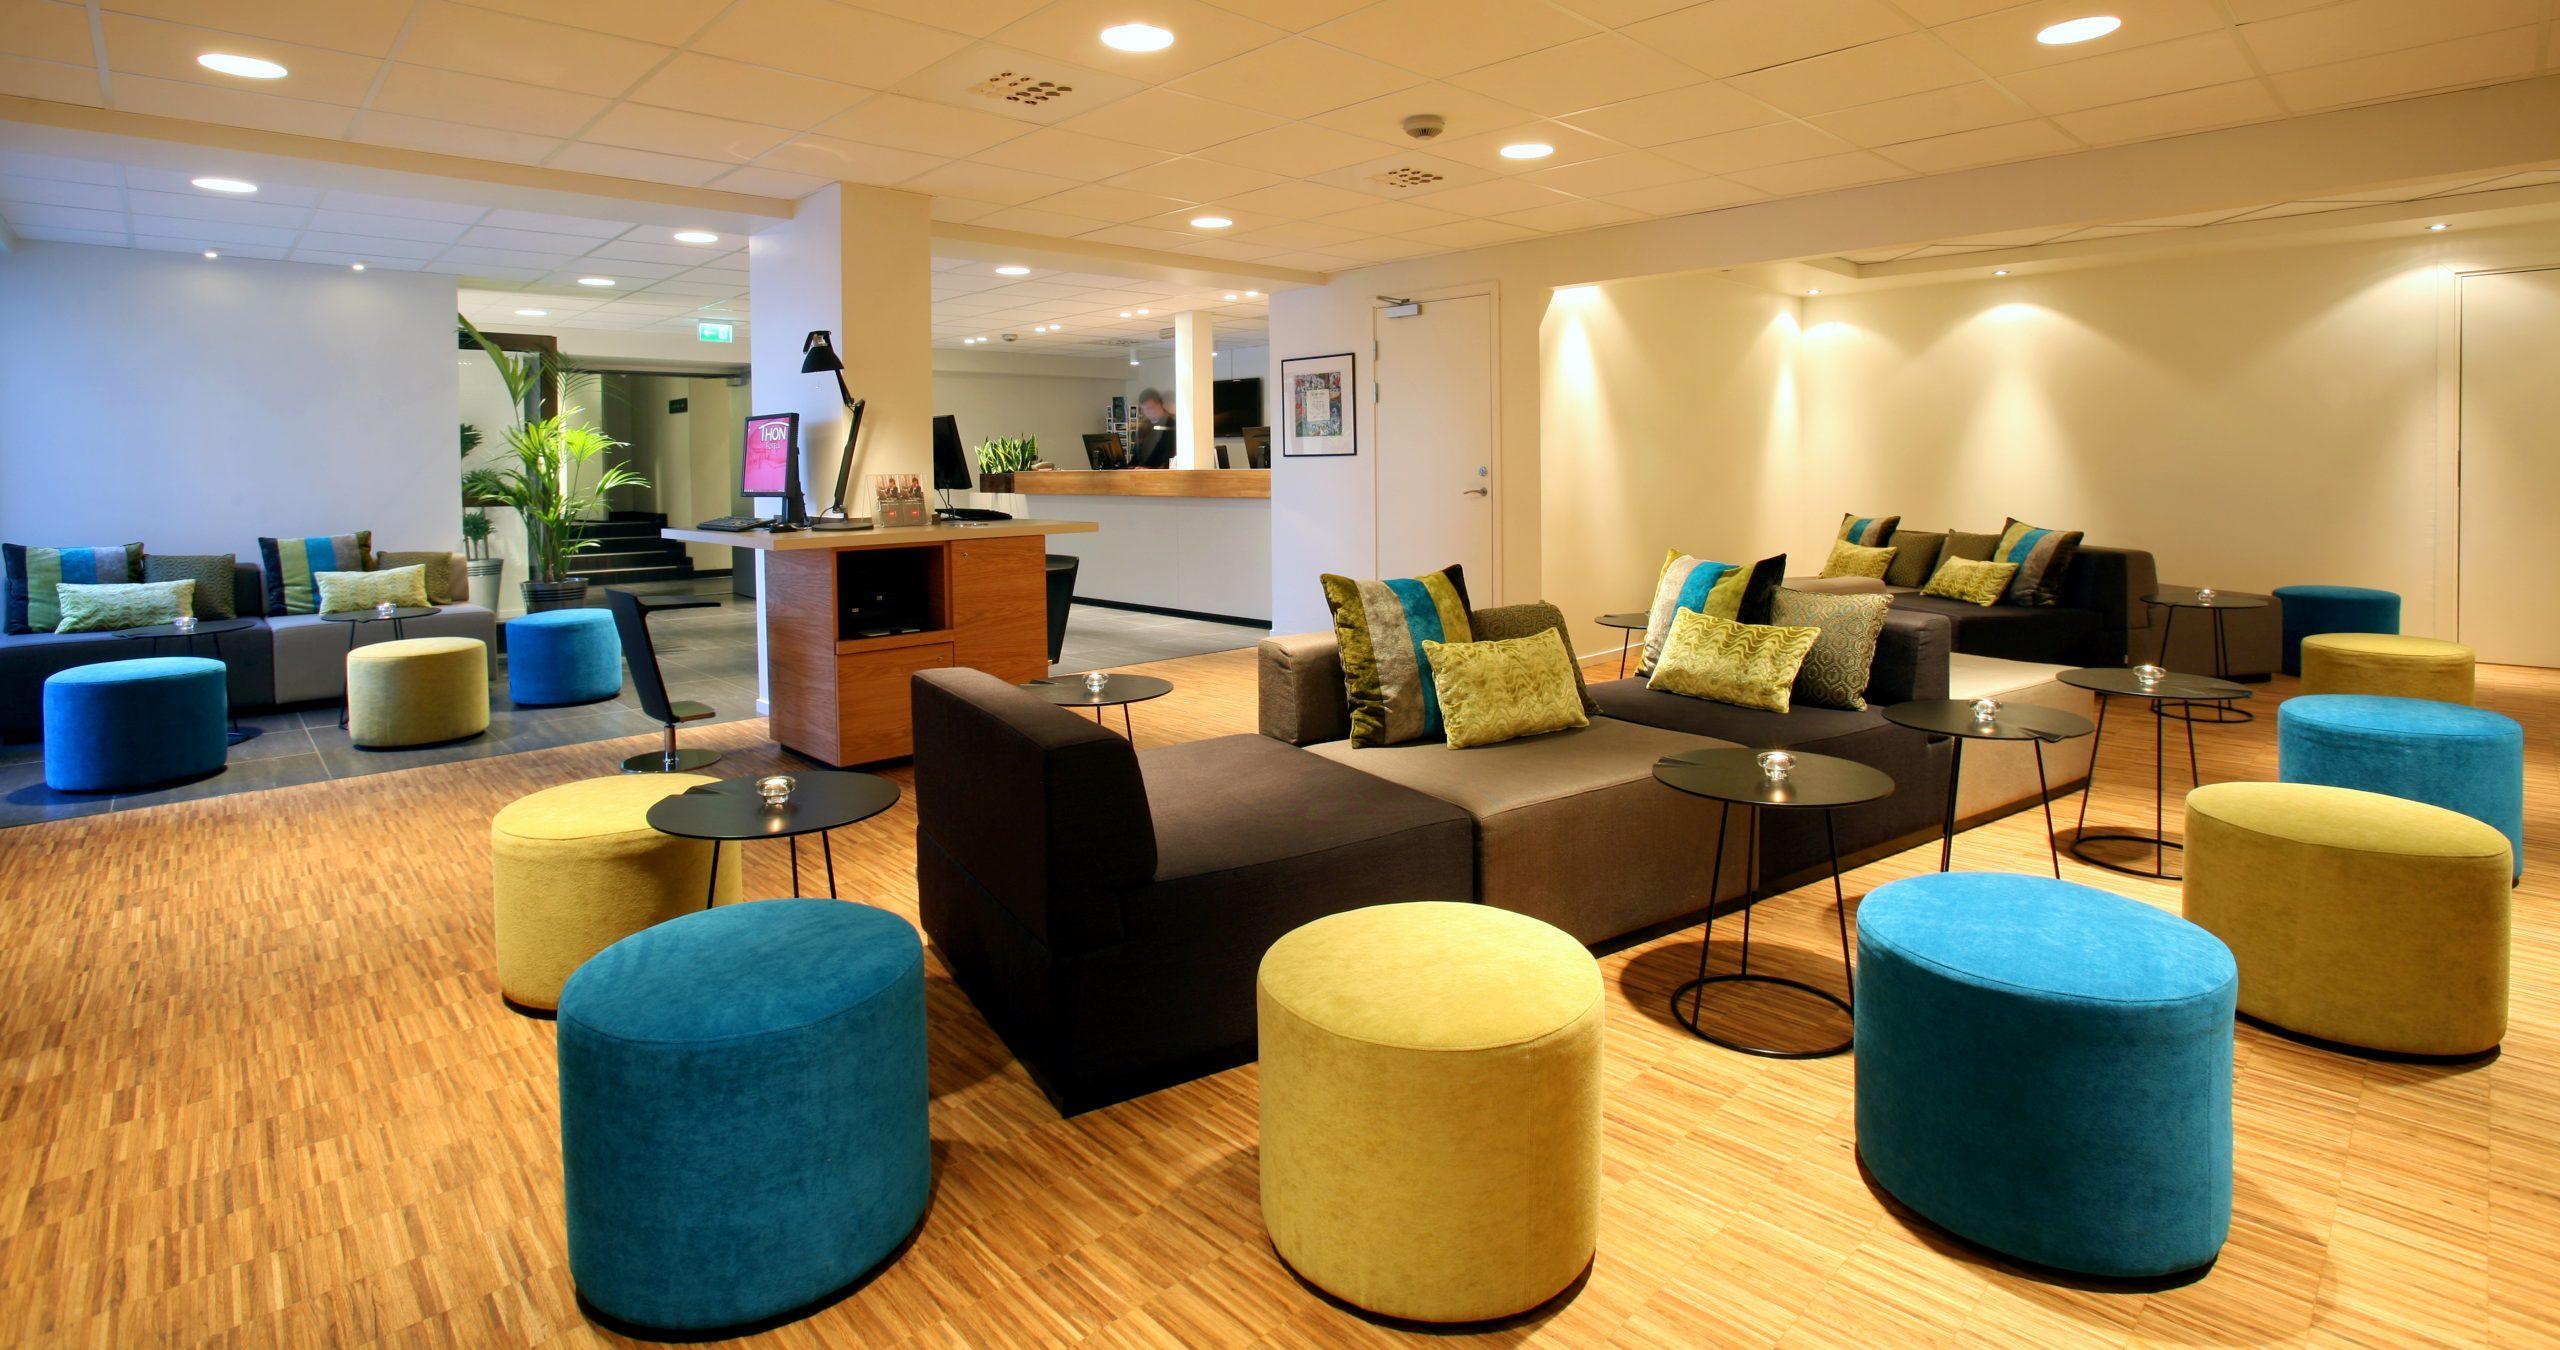 Bilde fra den fargerike resepsjonen på Thon Hotel Brønnøysund